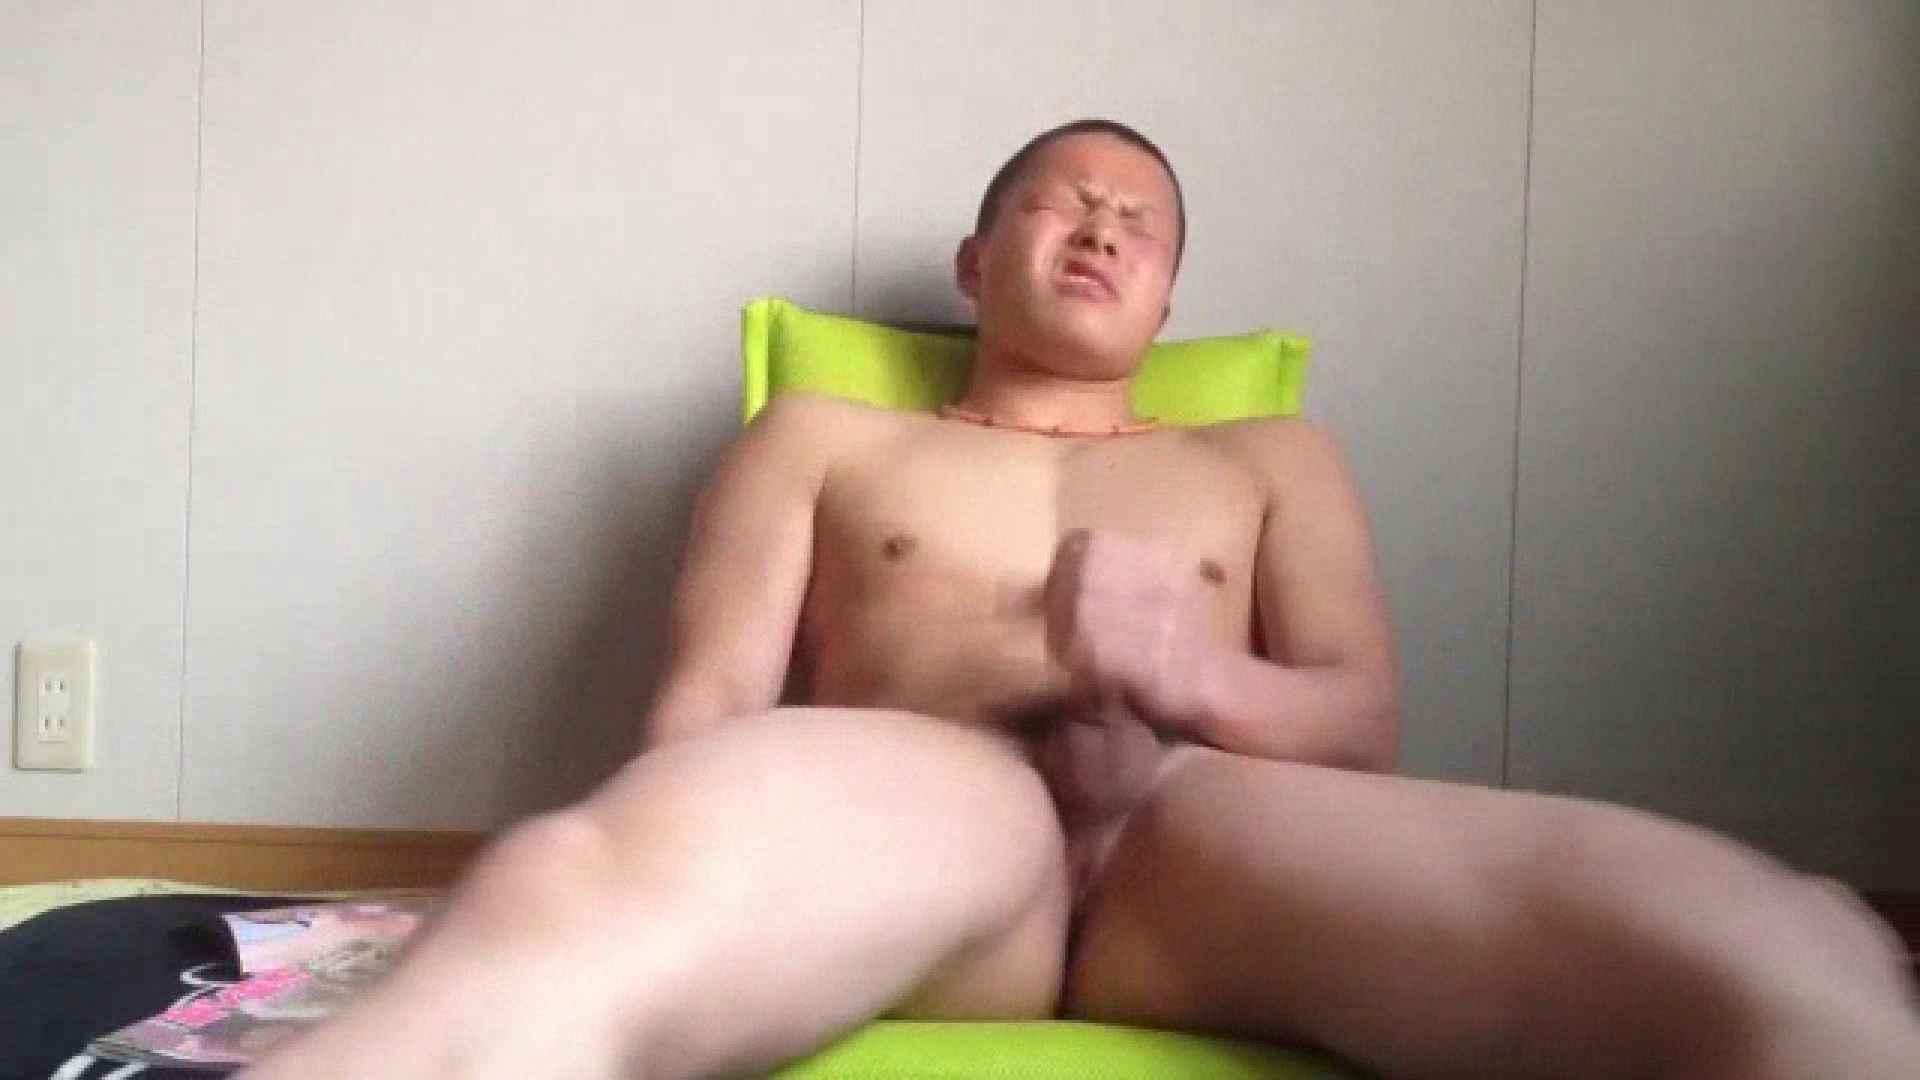 俺の新鮮なミルクはいかが? Vol.11 男天国 | オナニー特集  83pic 29